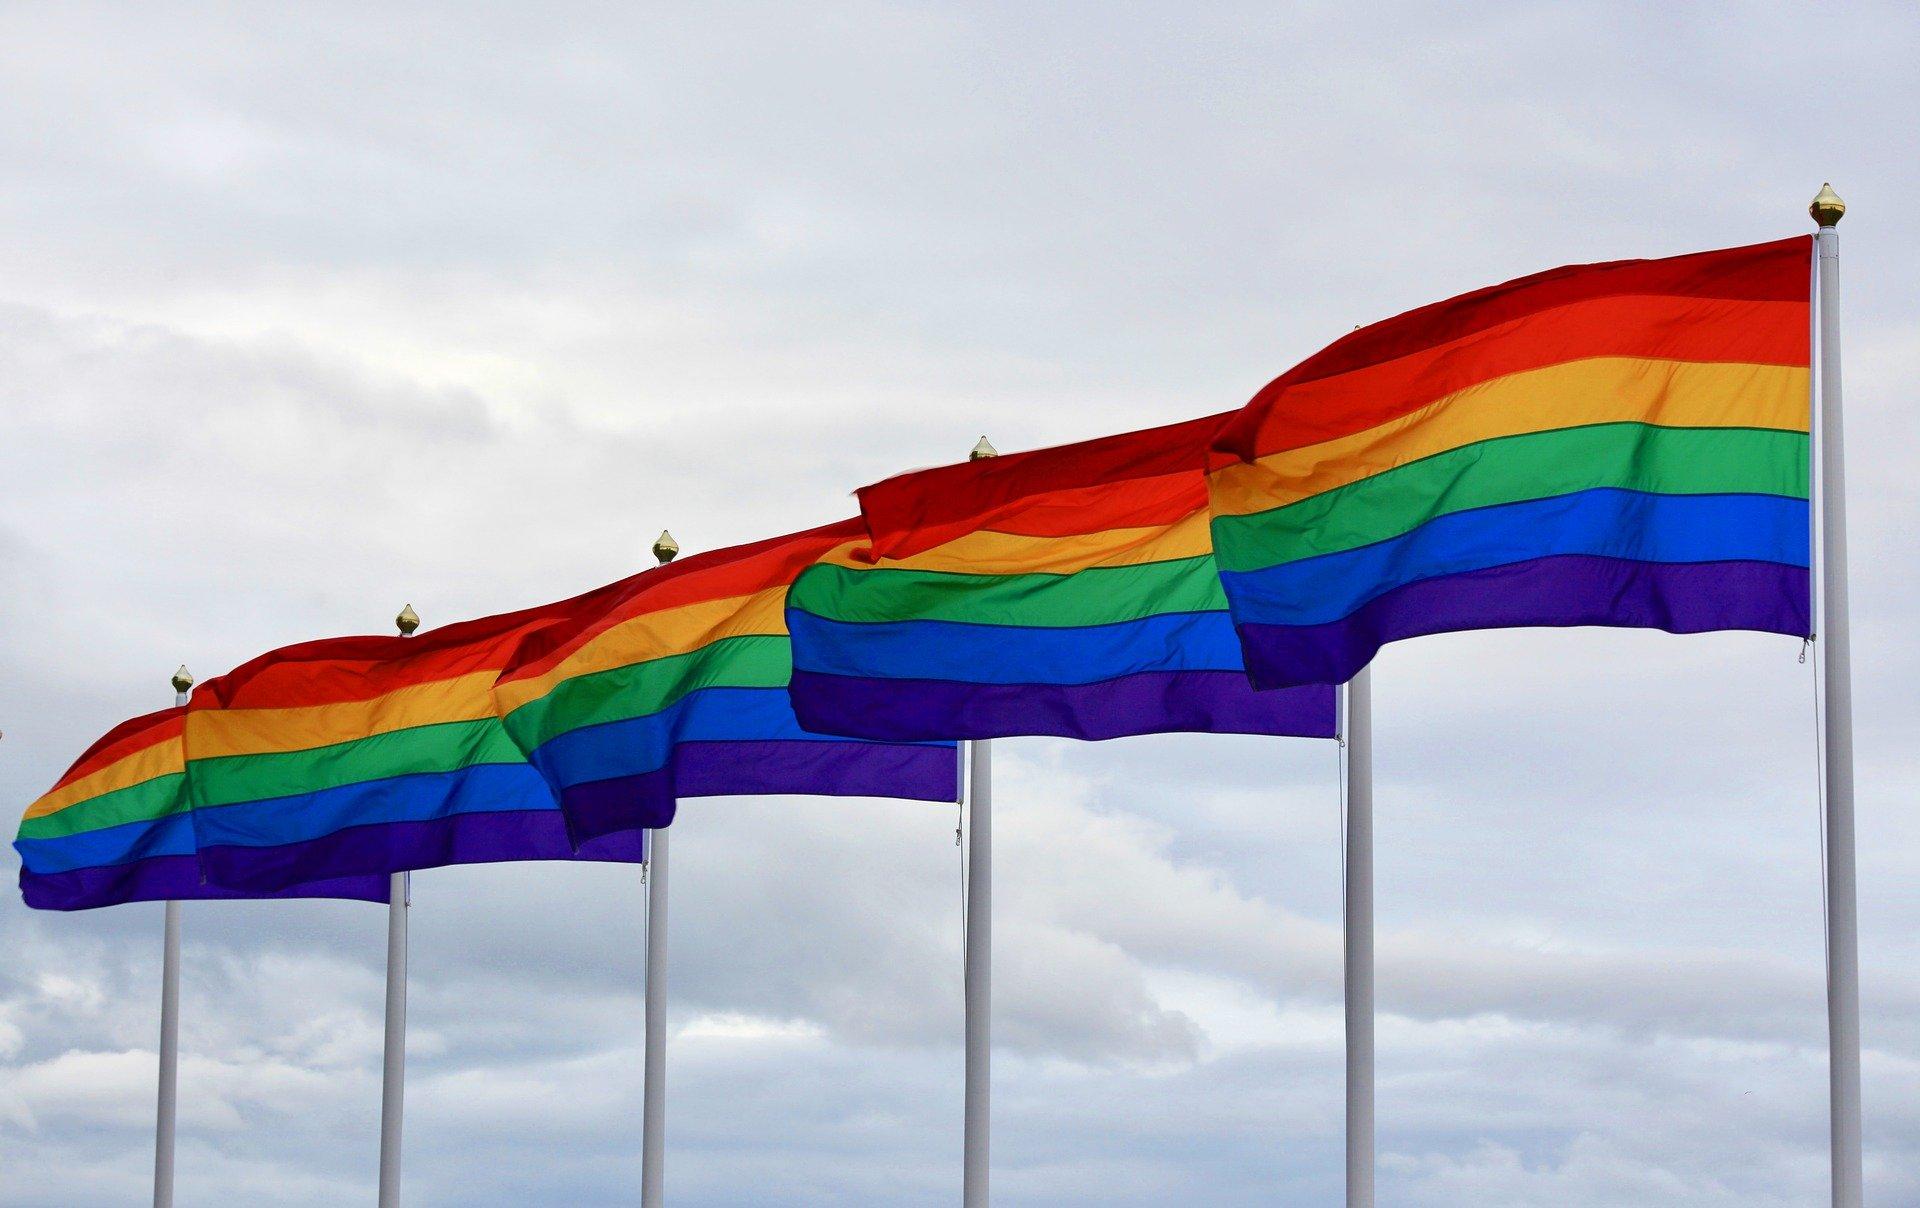 Zur EURO 2020 protestierten zahlreiche Menschen mit Regenbogenfahnen gegen Homophobie & Rassismus